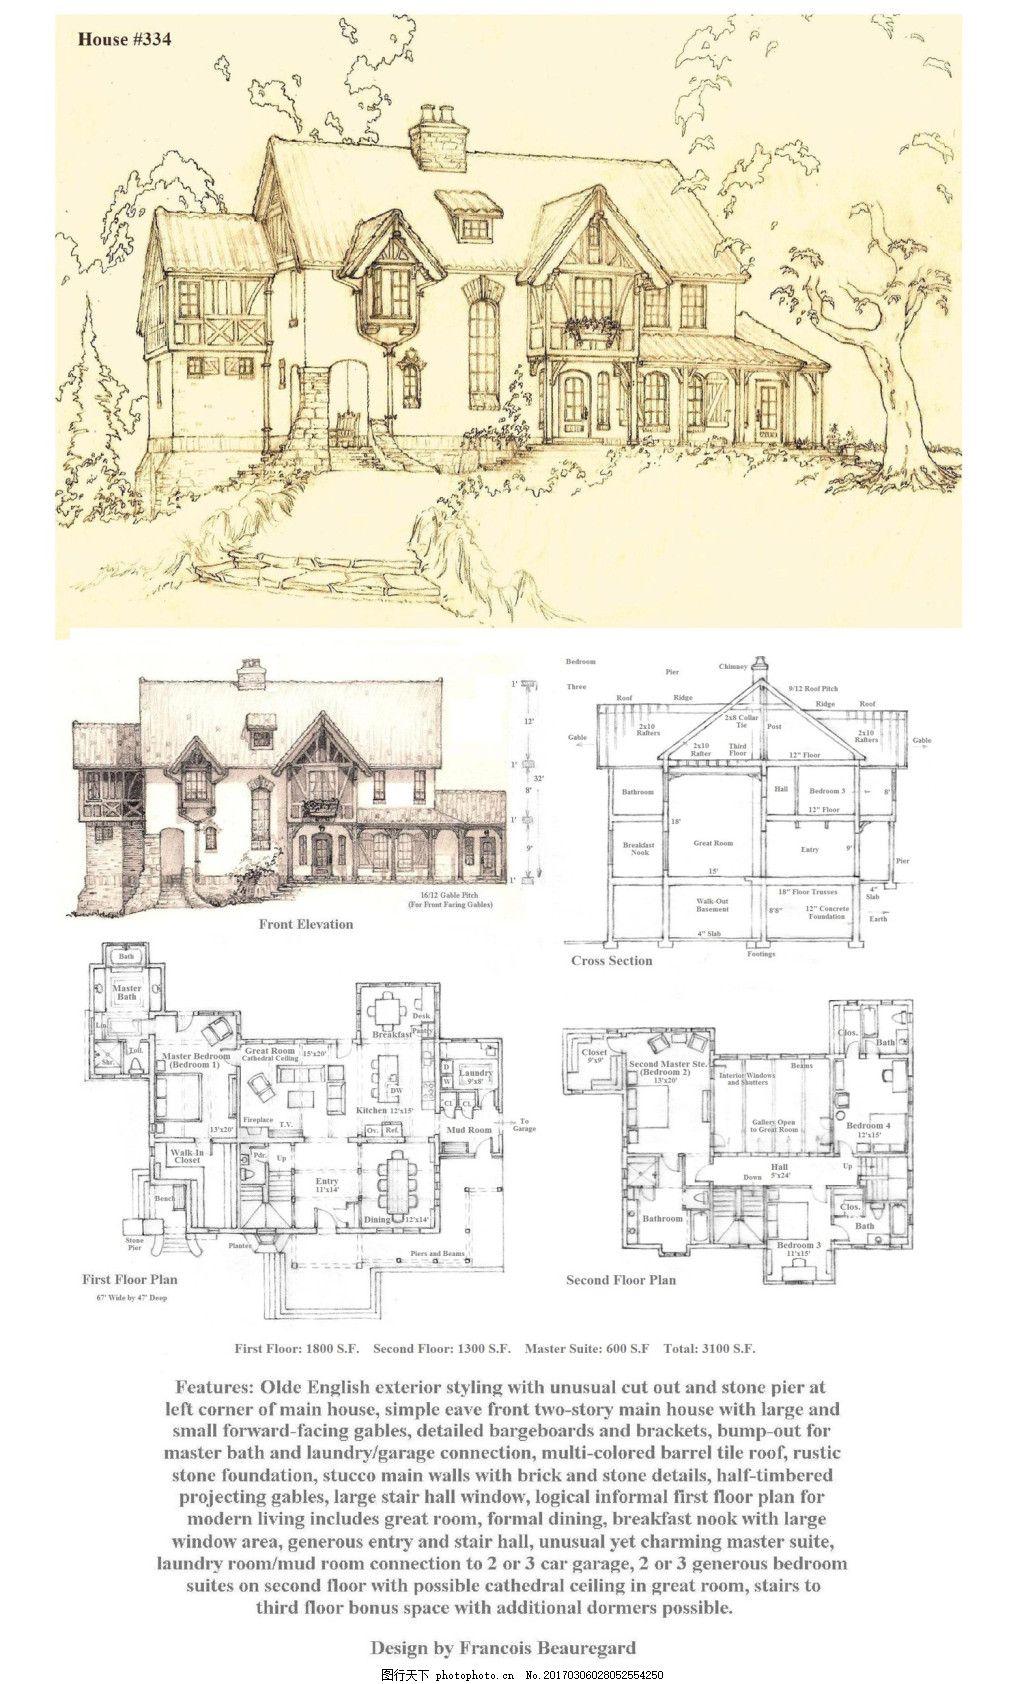 欧式建筑施工图 建筑平面图素材免费下载 手绘图 图纸 城堡 建筑效果